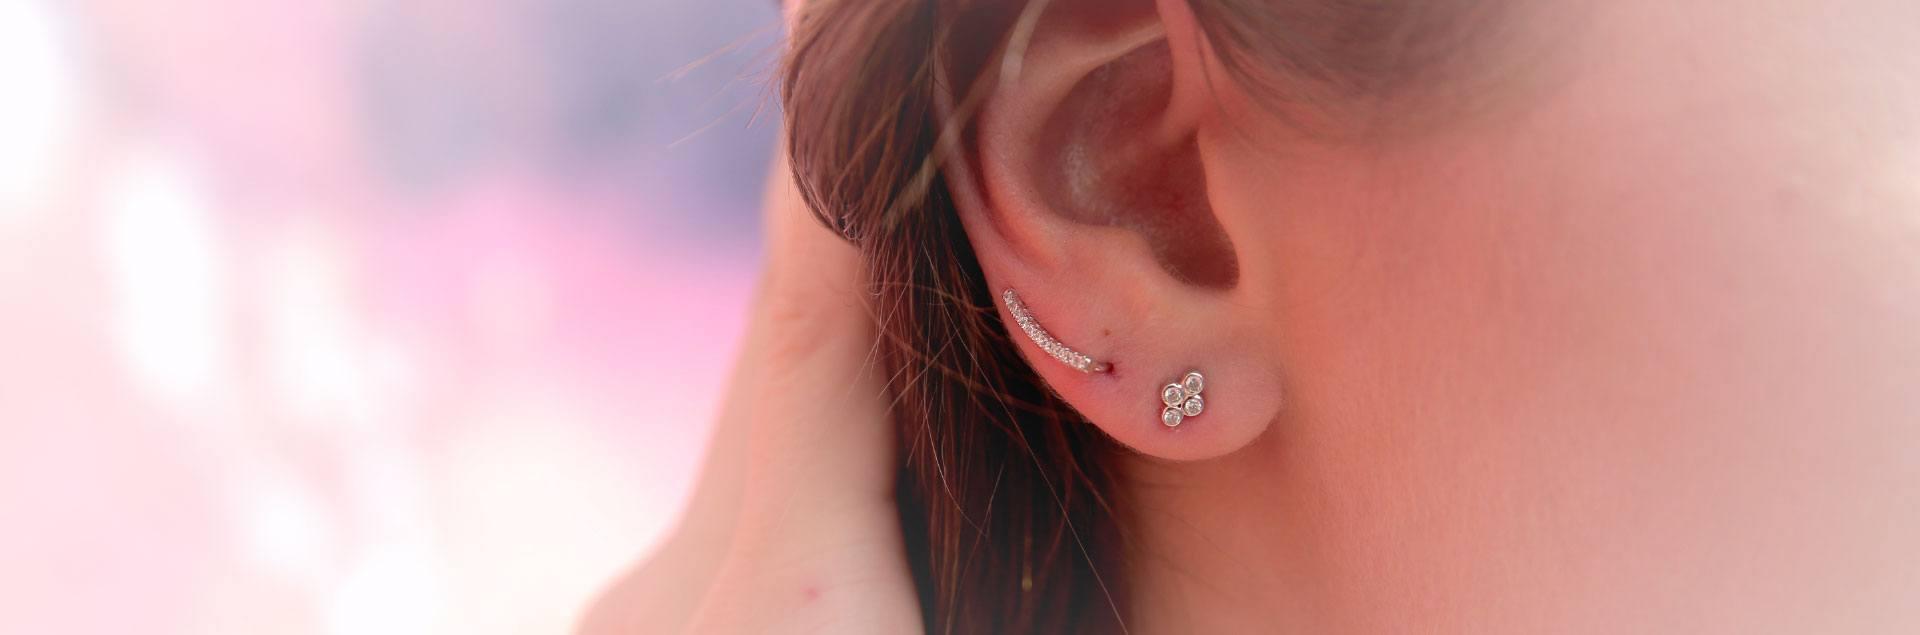 Dainty Earring Delicacy